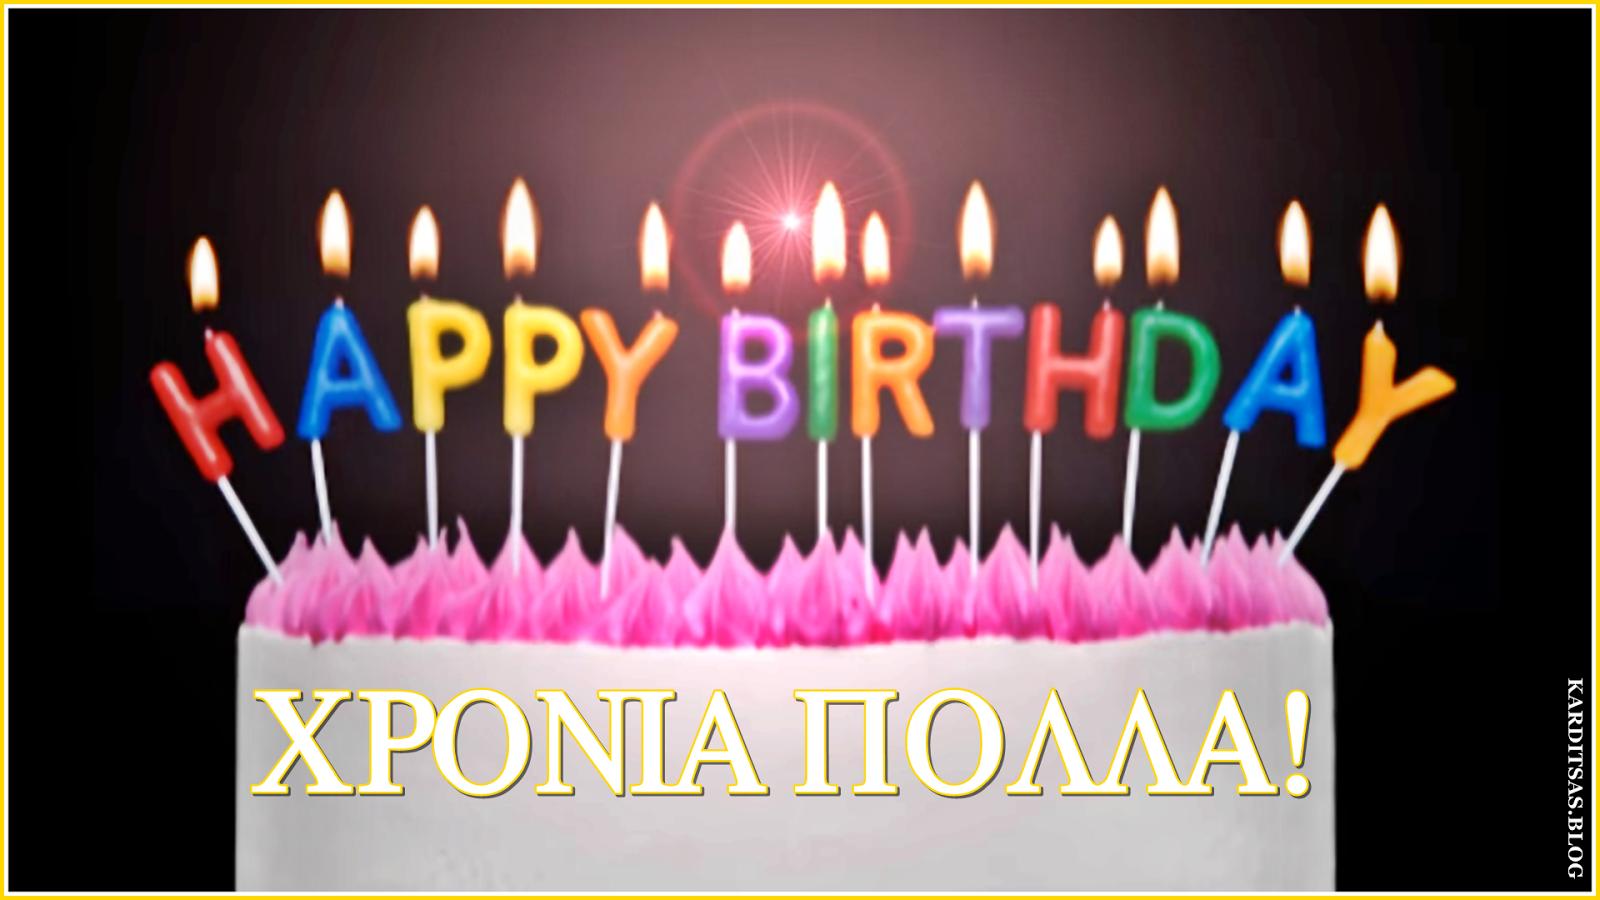 χρονια πολλα για τα γενεθλια σου KARDITSAS.BLOG: ΧΡΟΝΙΑ ΠΟΛΛΑ ΓΙΑ ΤΑ ΓΕΝΕΘΛΙΑ ΣΟΥ ~ ΤΡΙΑΝΤΑΦΥΛΛΟΣ χρονια πολλα για τα γενεθλια σου